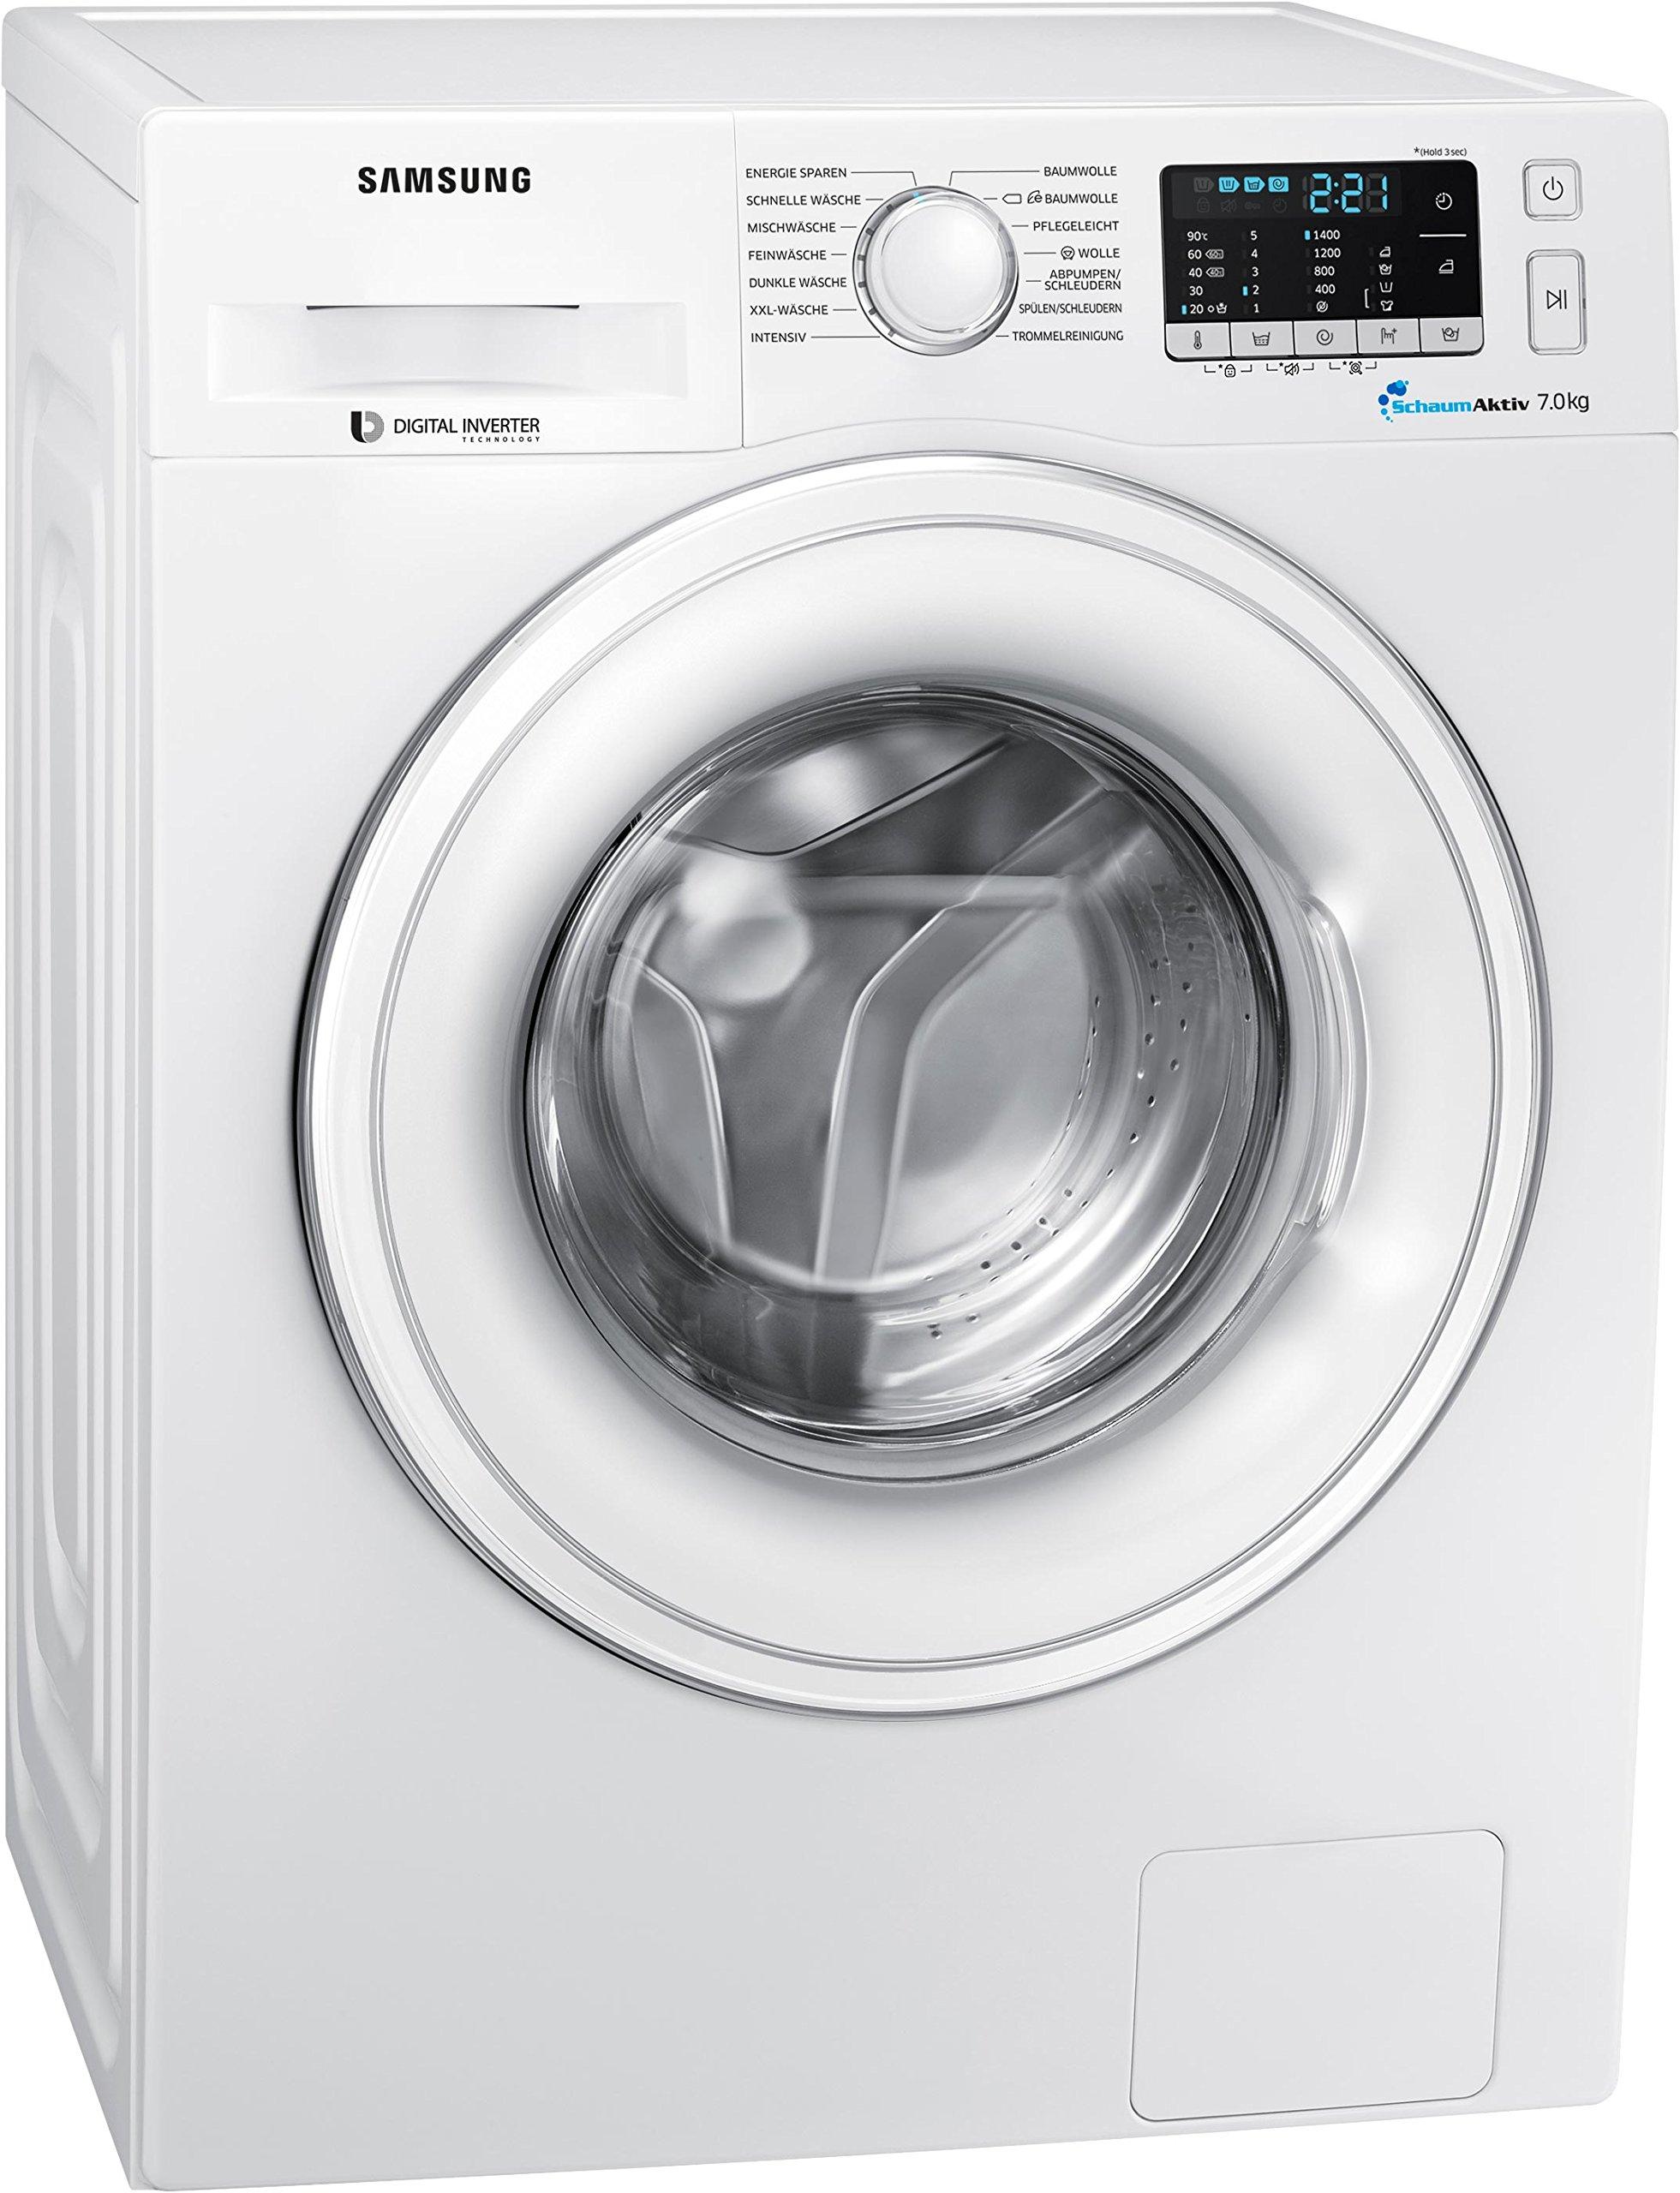 Samsung-Waschmaschine-Frontlader60-cm-HheDigital-Inverter-Motor-mit-10-Jahren-Garantie